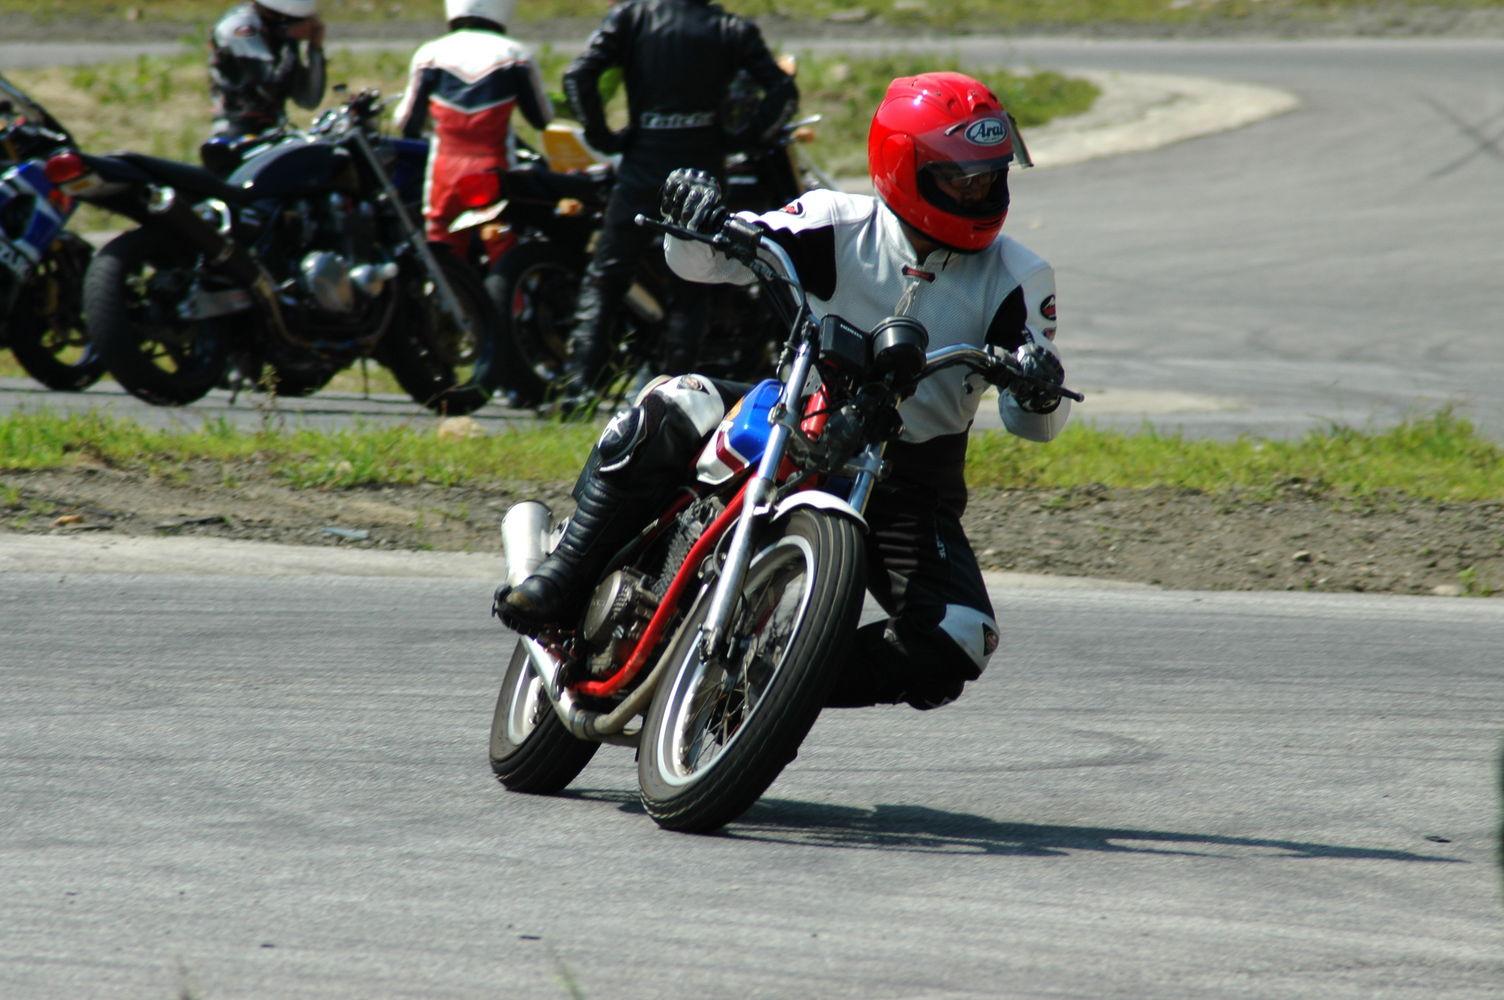 バイクでカッコいい膝すりを!必要なフォームと秘密のコツ | Smartlog